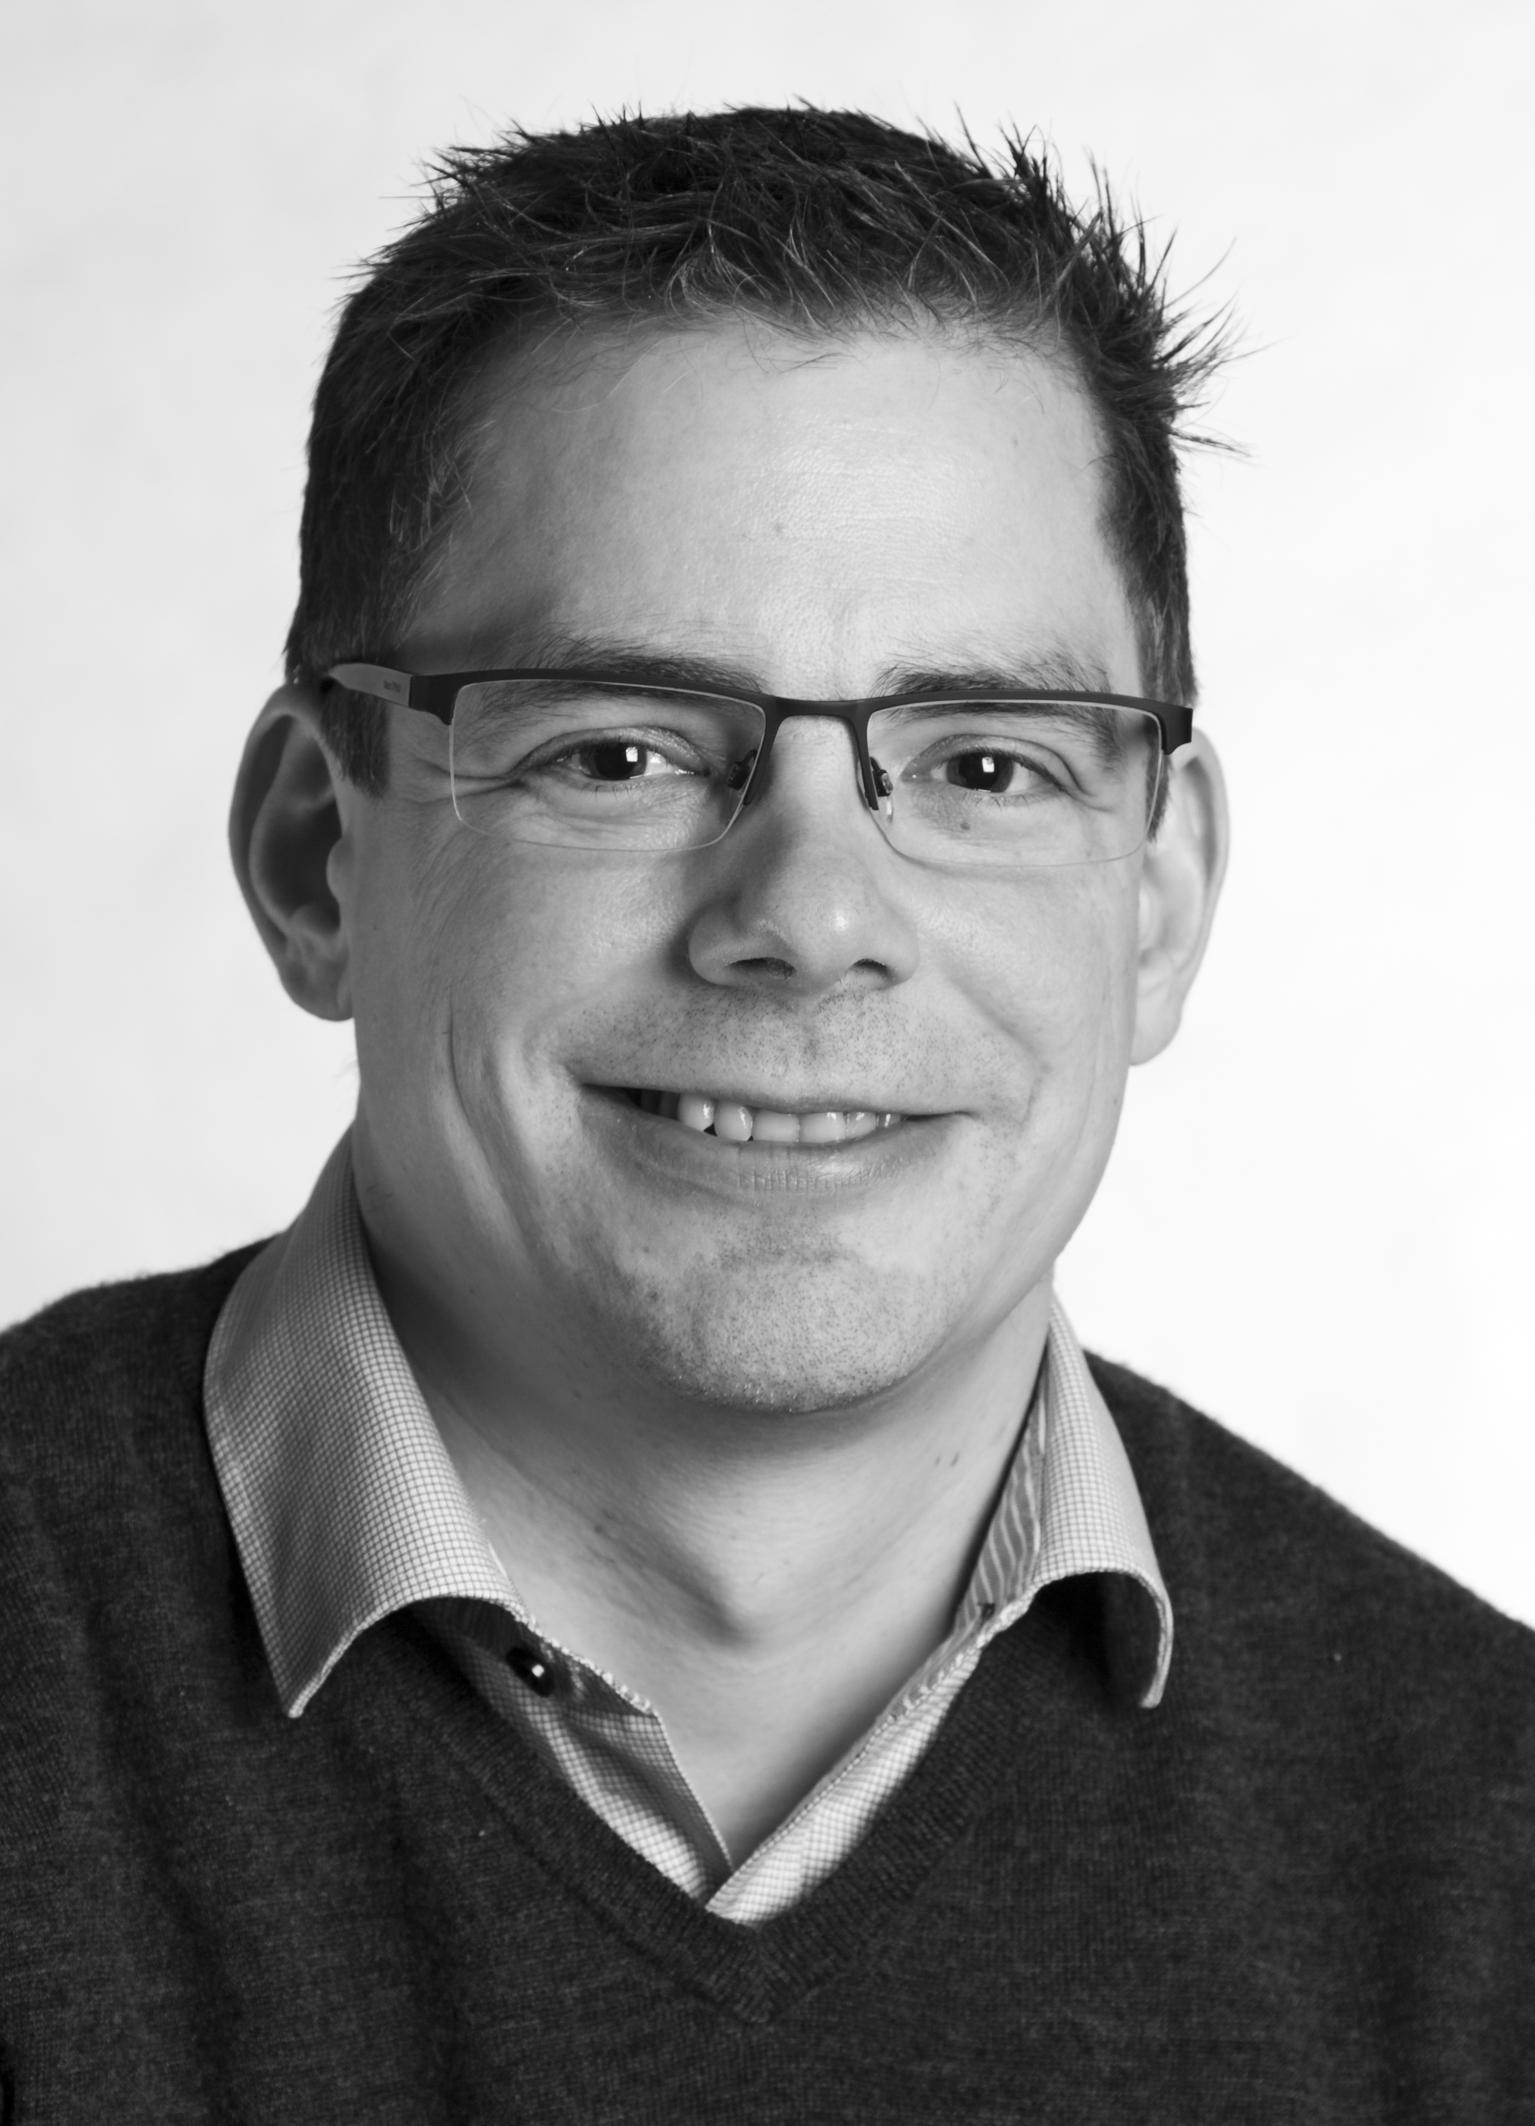 Daniel Brorsson